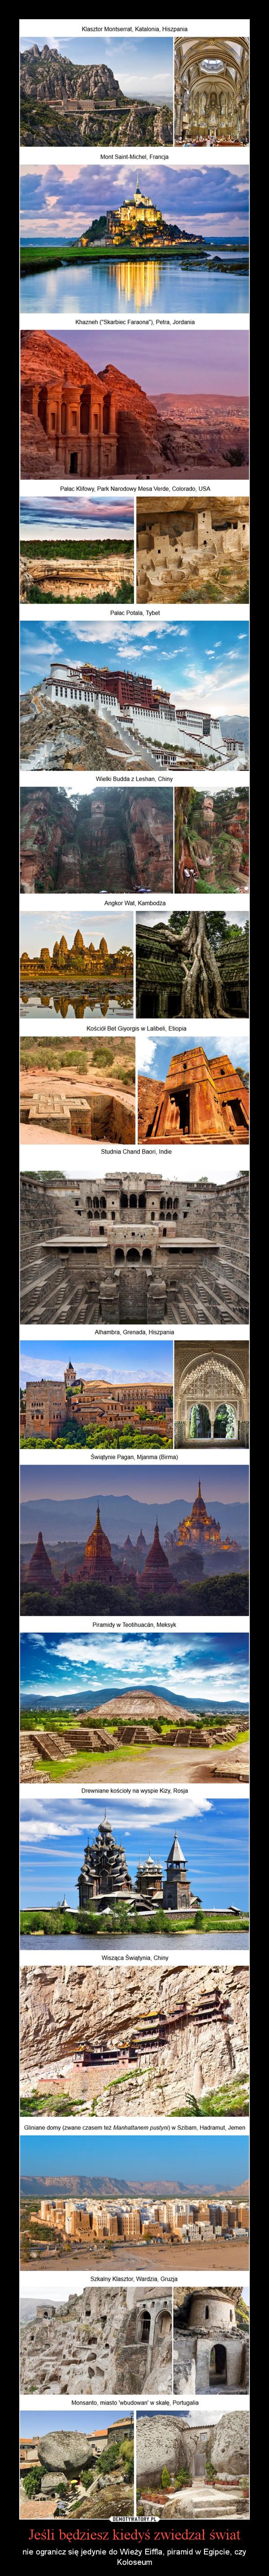 Jeśli będziesz kiedyś zwiedzał świat – nie ogranicz się jedynie do Wieży Eiffla, piramid w Egipcie, czy Koloseum